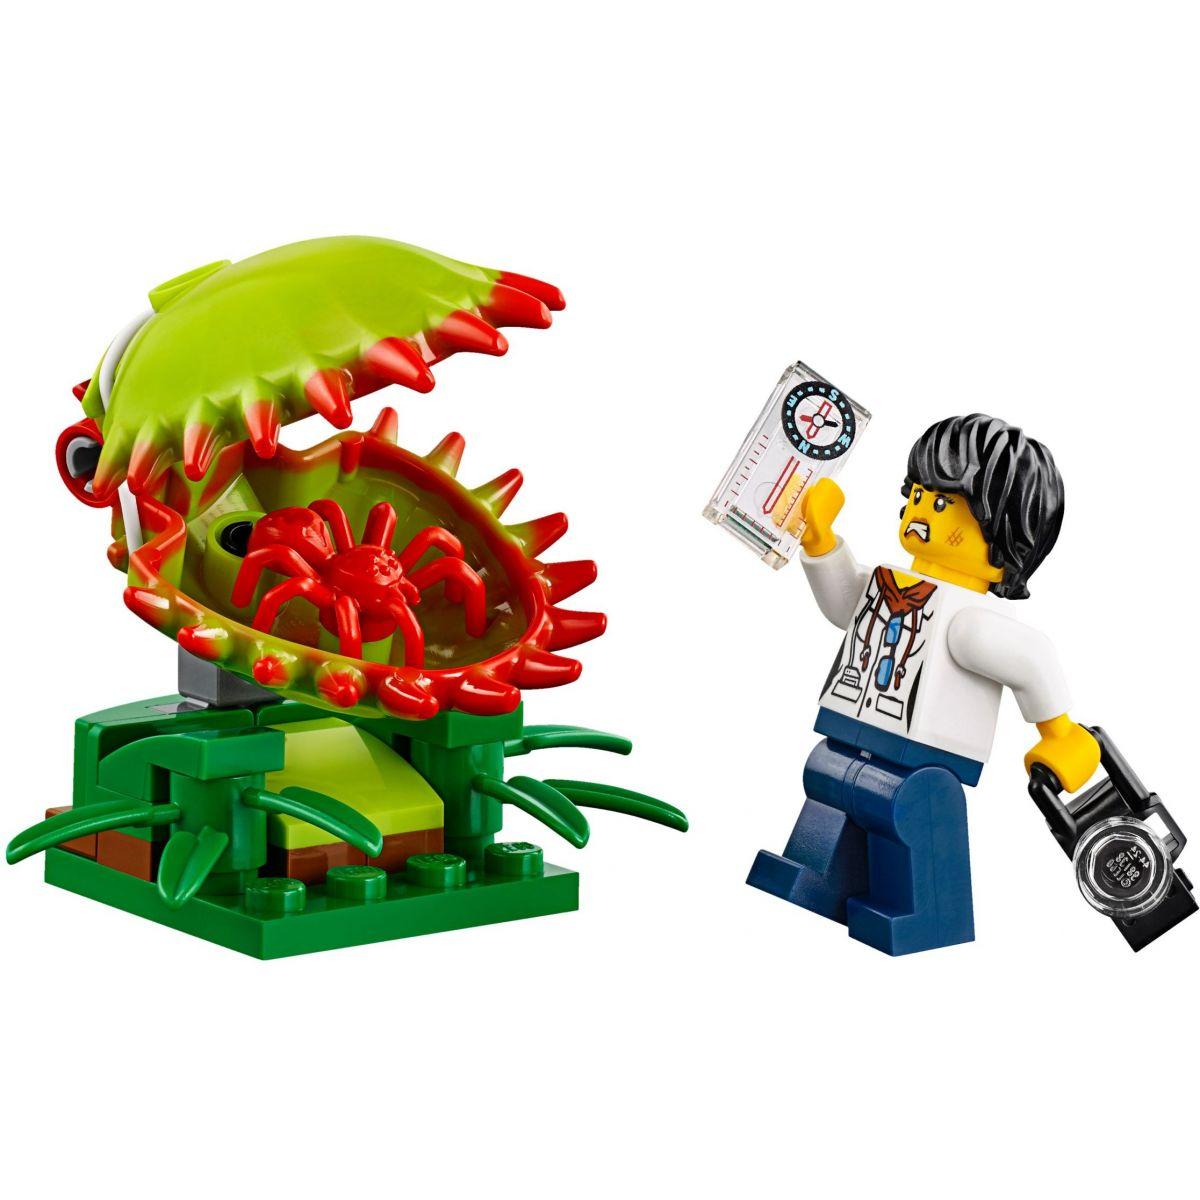 LEGO City 60160 Mobilní laboratoř do džungle #7